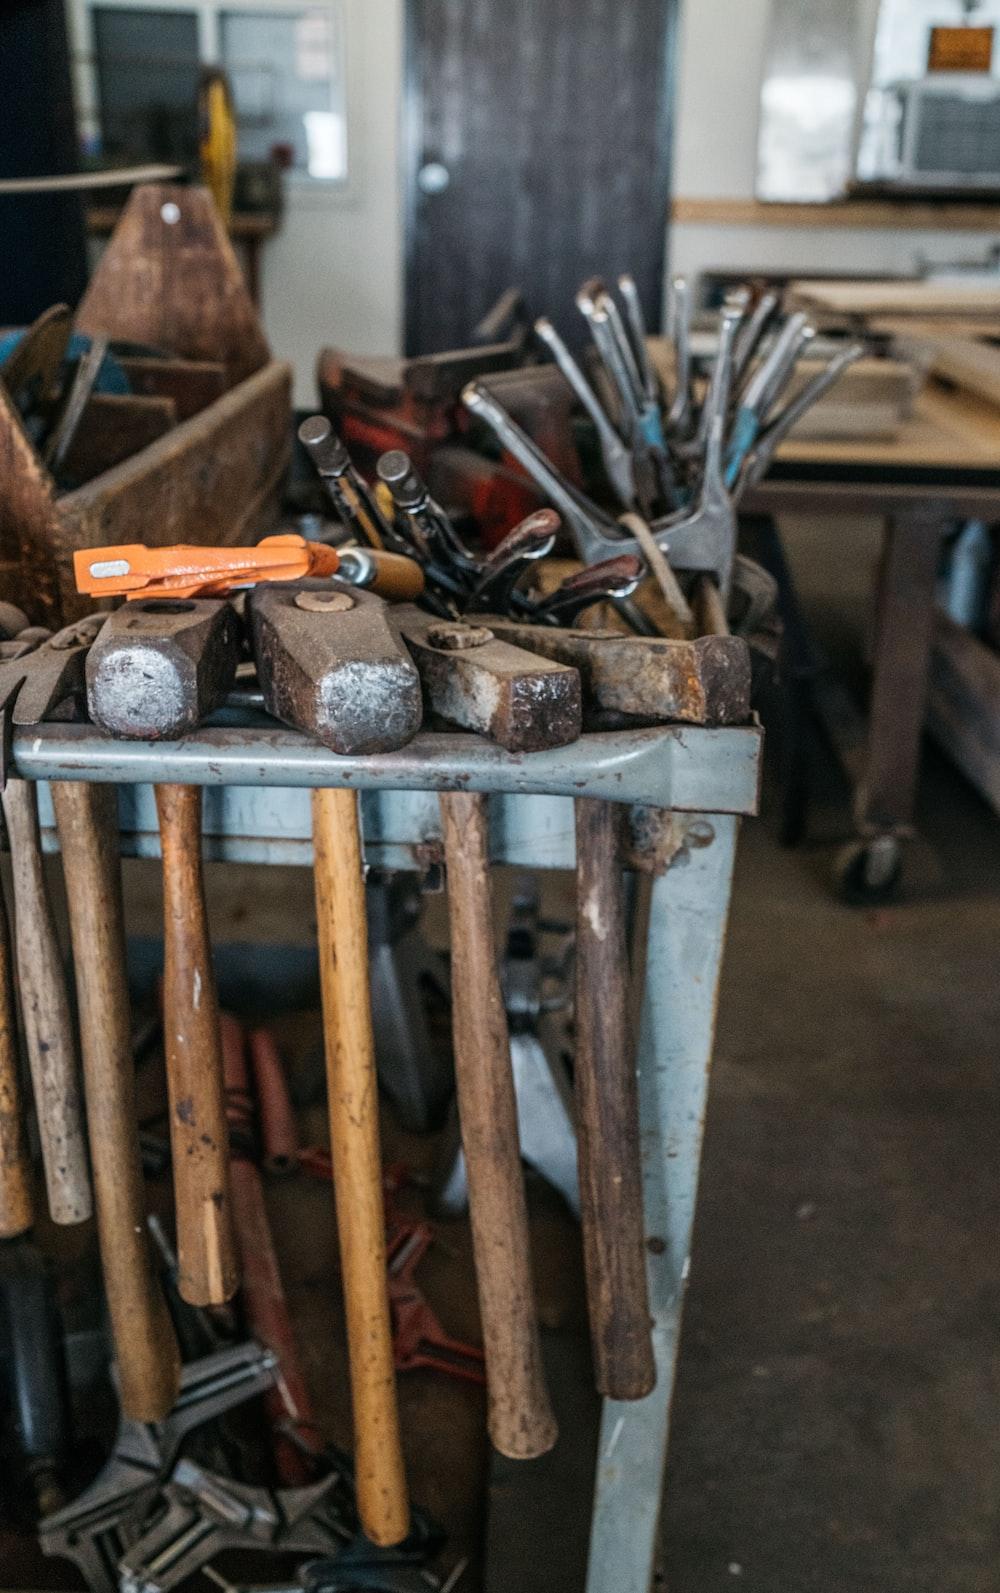 several handheld tools on metal rack